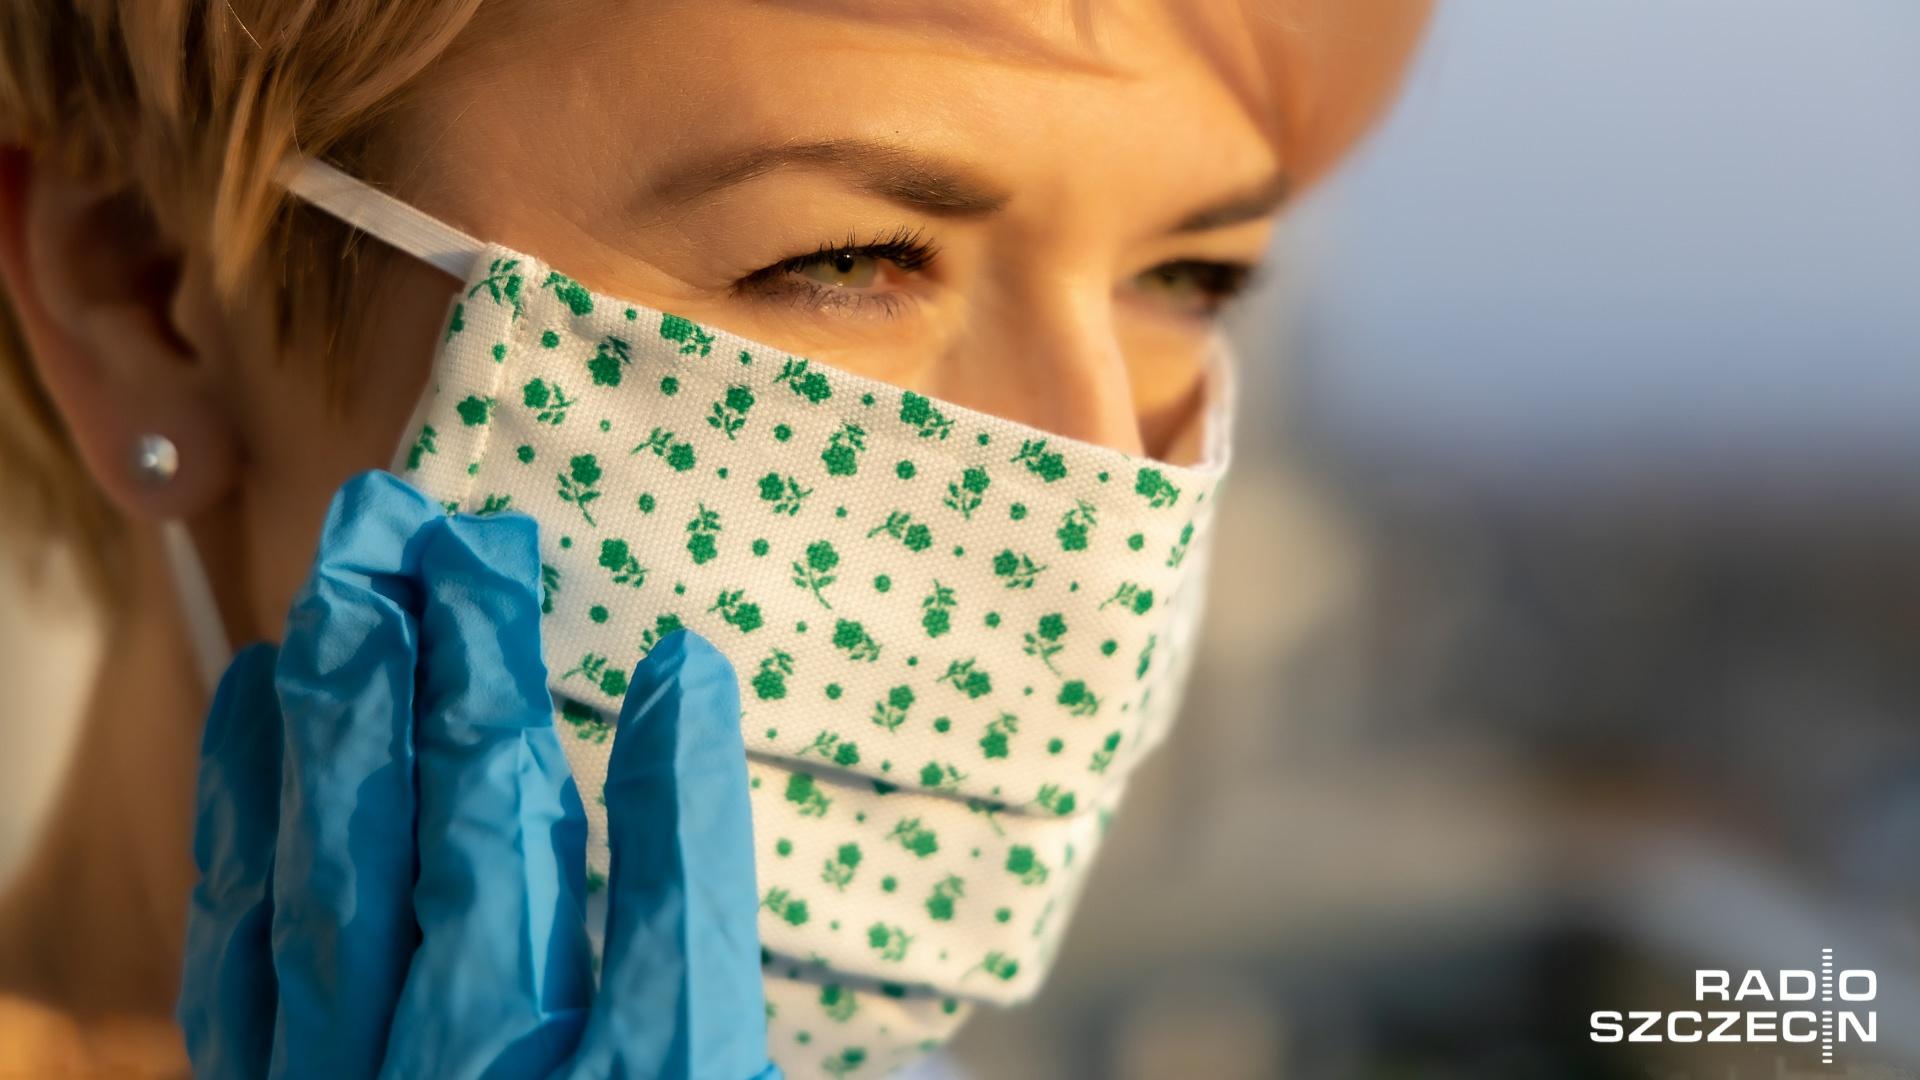 Chińskie media apelują do społeczeństwa, że pomimo nieznacznej liczby nowych przypadków zakażenia koronawirusem - zagrożenie infekcją wciąż istnieje.